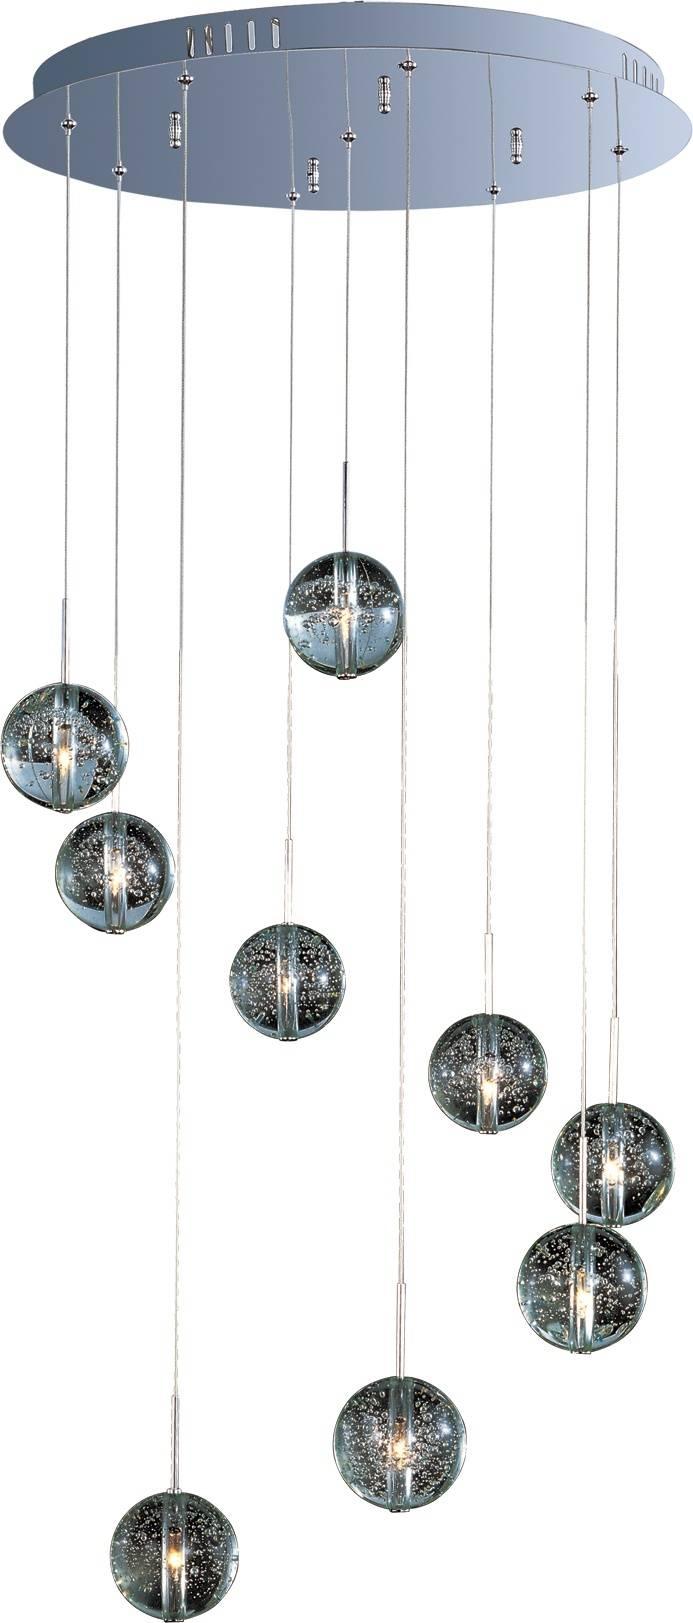 51 Best Et2 Lighting Images On Pinterest | Pendant Lights, Multi Intended For Multiple Pendant Lights Fixtures (Photo 14 of 15)